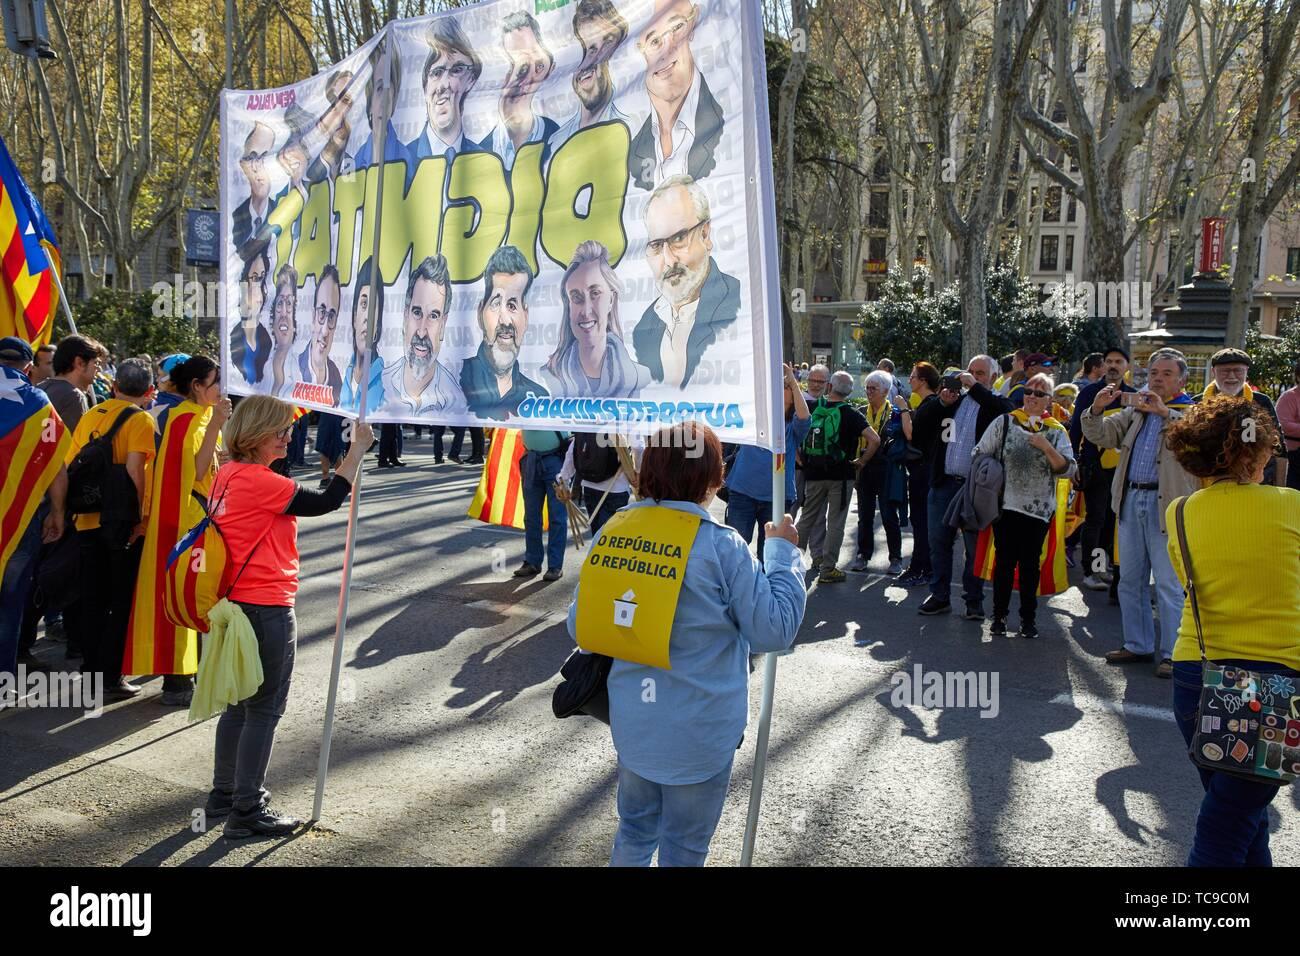 Demonstration der Katalanen anspruchsvolle Unabhängigkeit, Paseo del Prado, Madrid, Spanien, Europa Stockbild